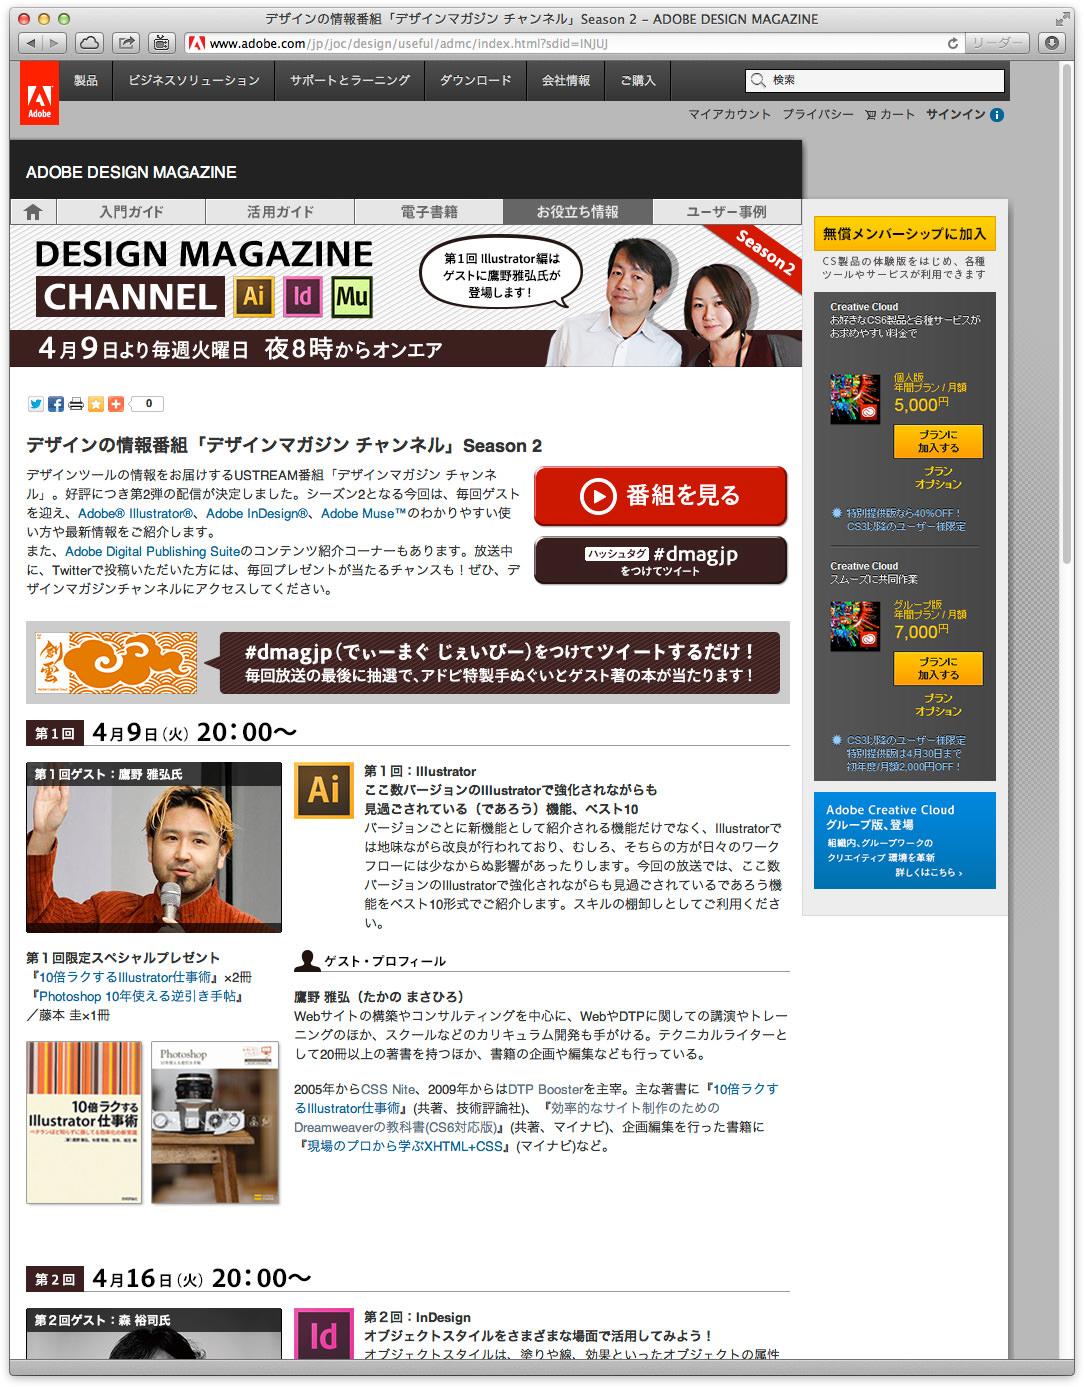 designmagazine-cap-s.jpg